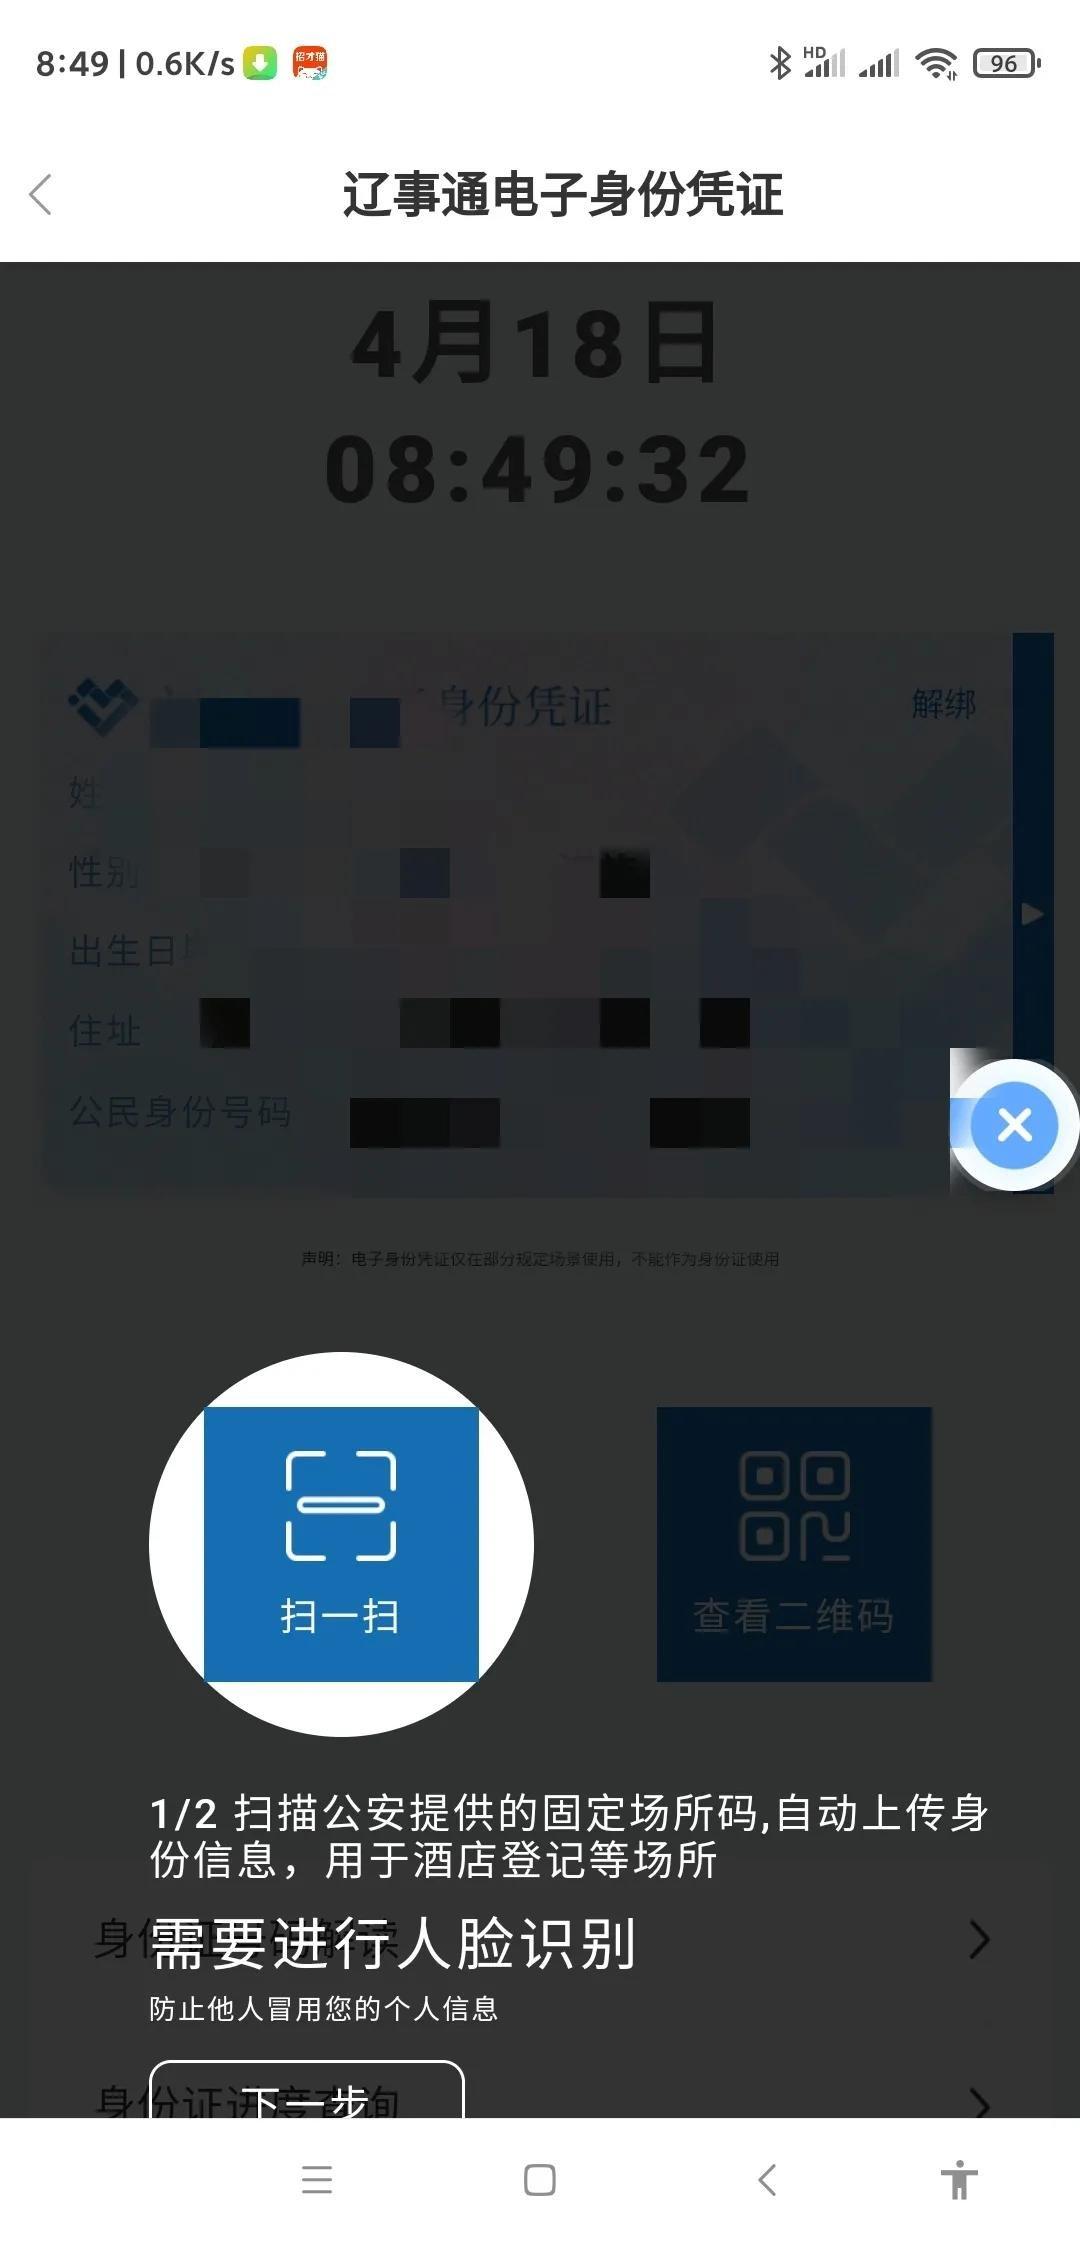 辽宁省电子身份证是怎么办理(申请电子身份证的步骤图)